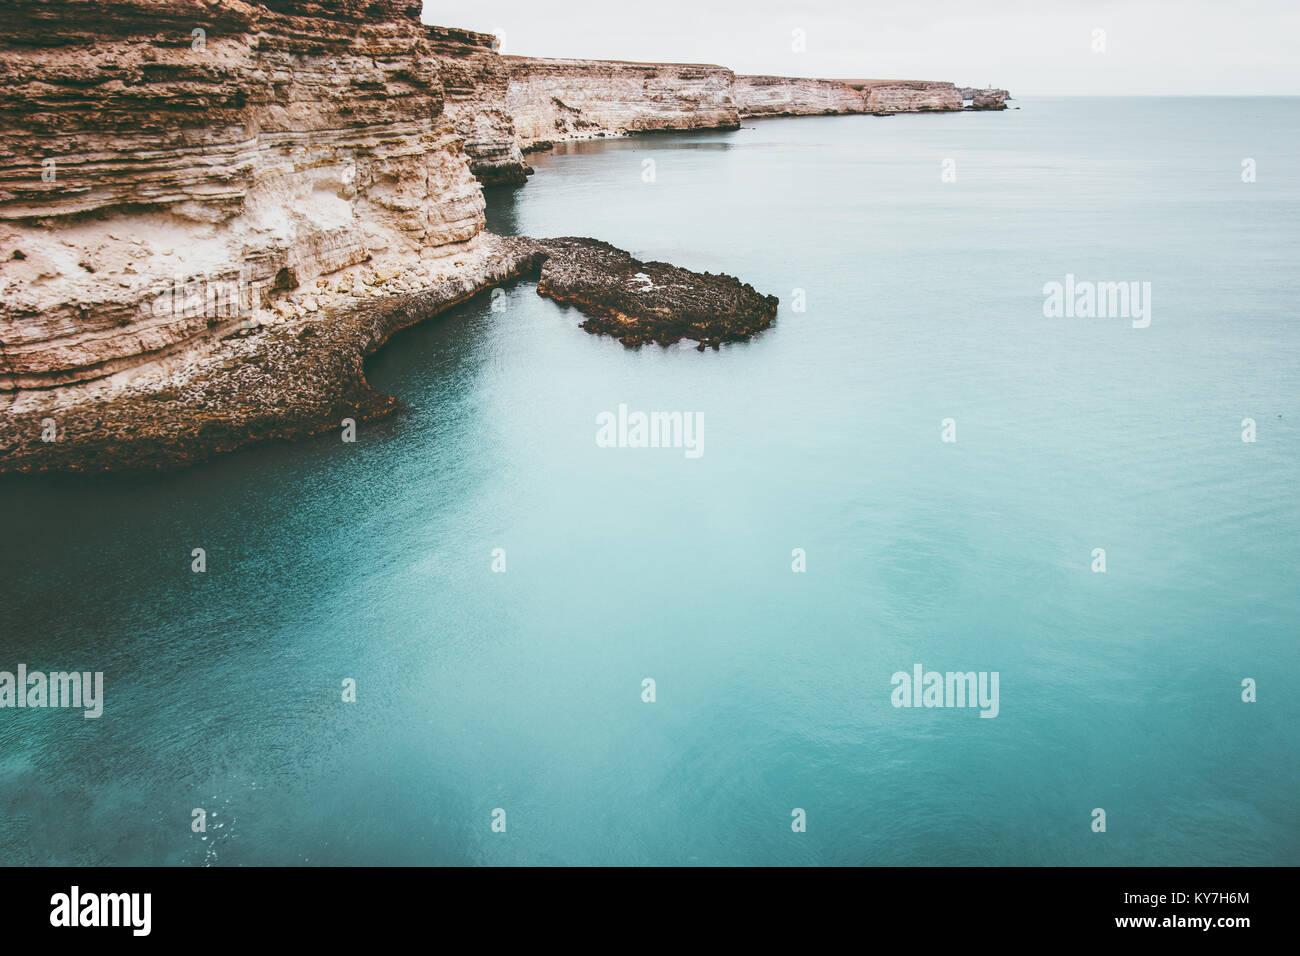 Blue Sea avec rocky mer calme et la tranquillité du paysage vue panoramique voyage vacances Photo Stock